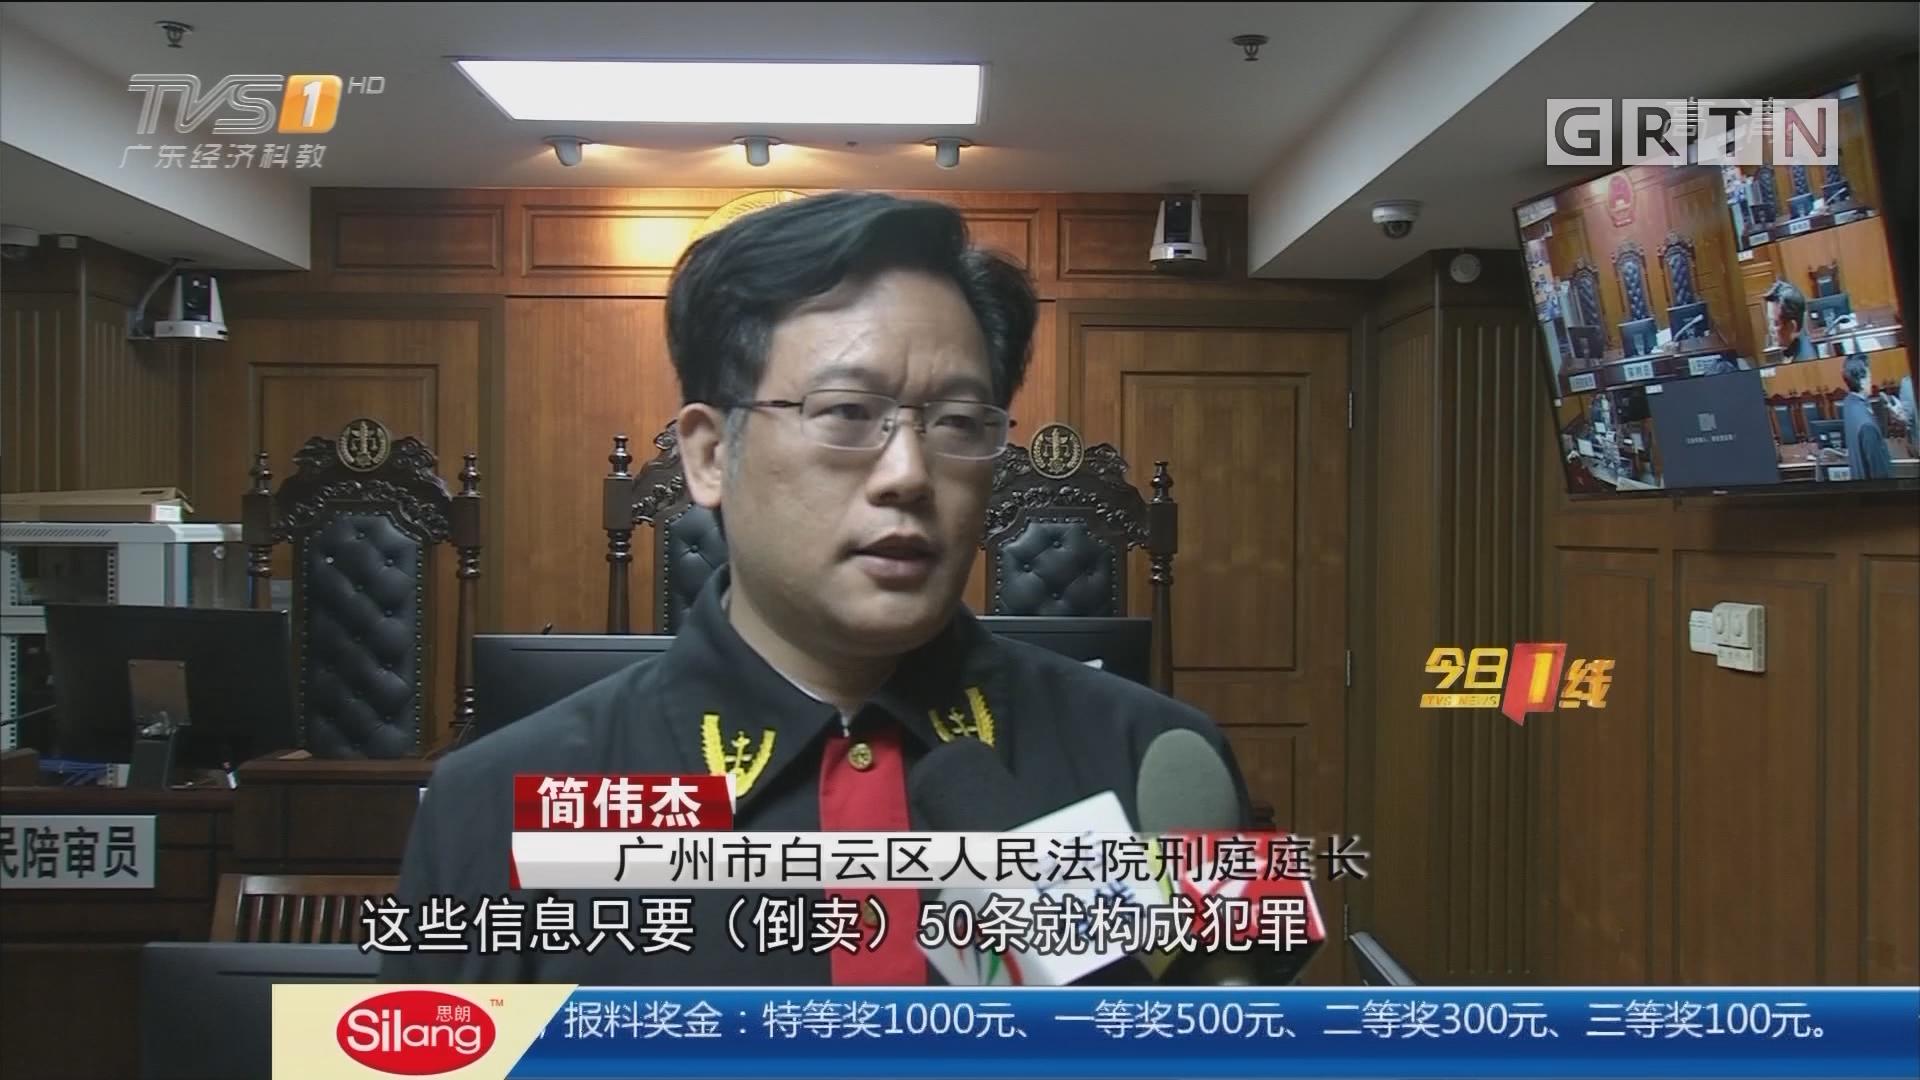 广州:倒卖个人信息47万条 团伙被判刑